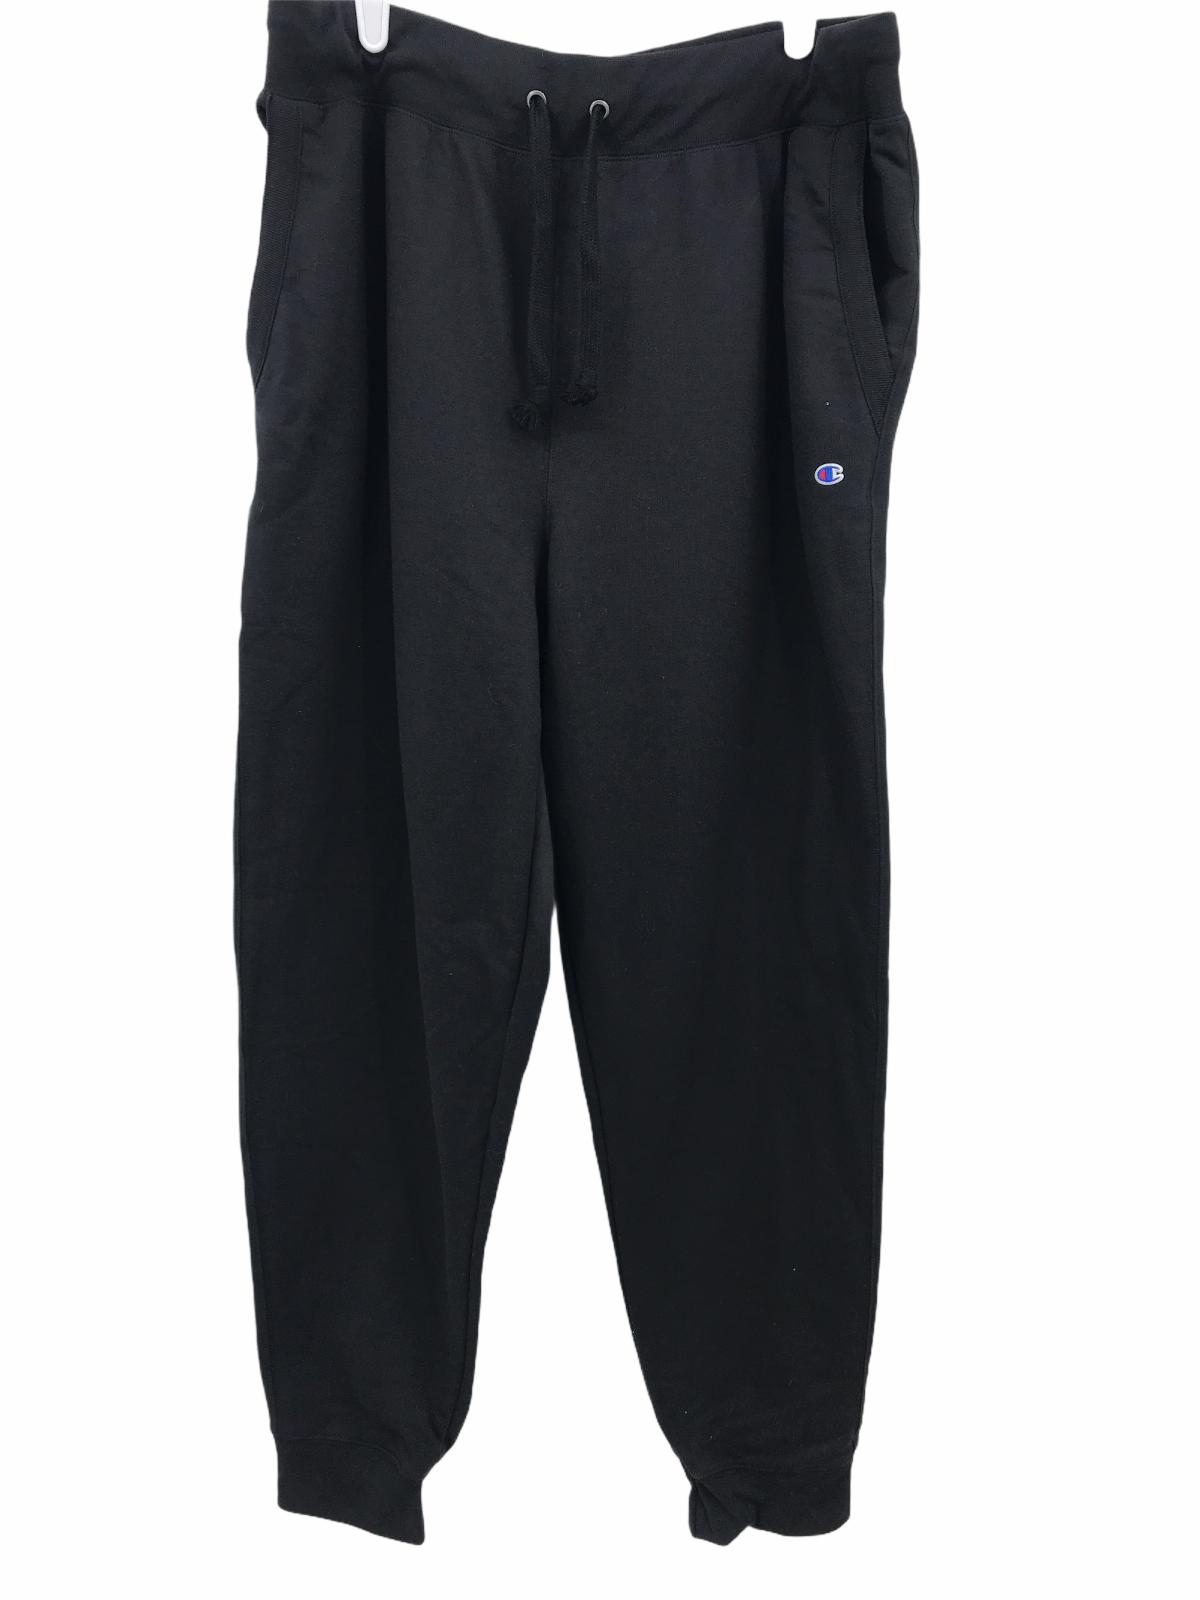 mens authentic athleticwear black sweatpants size 2xl